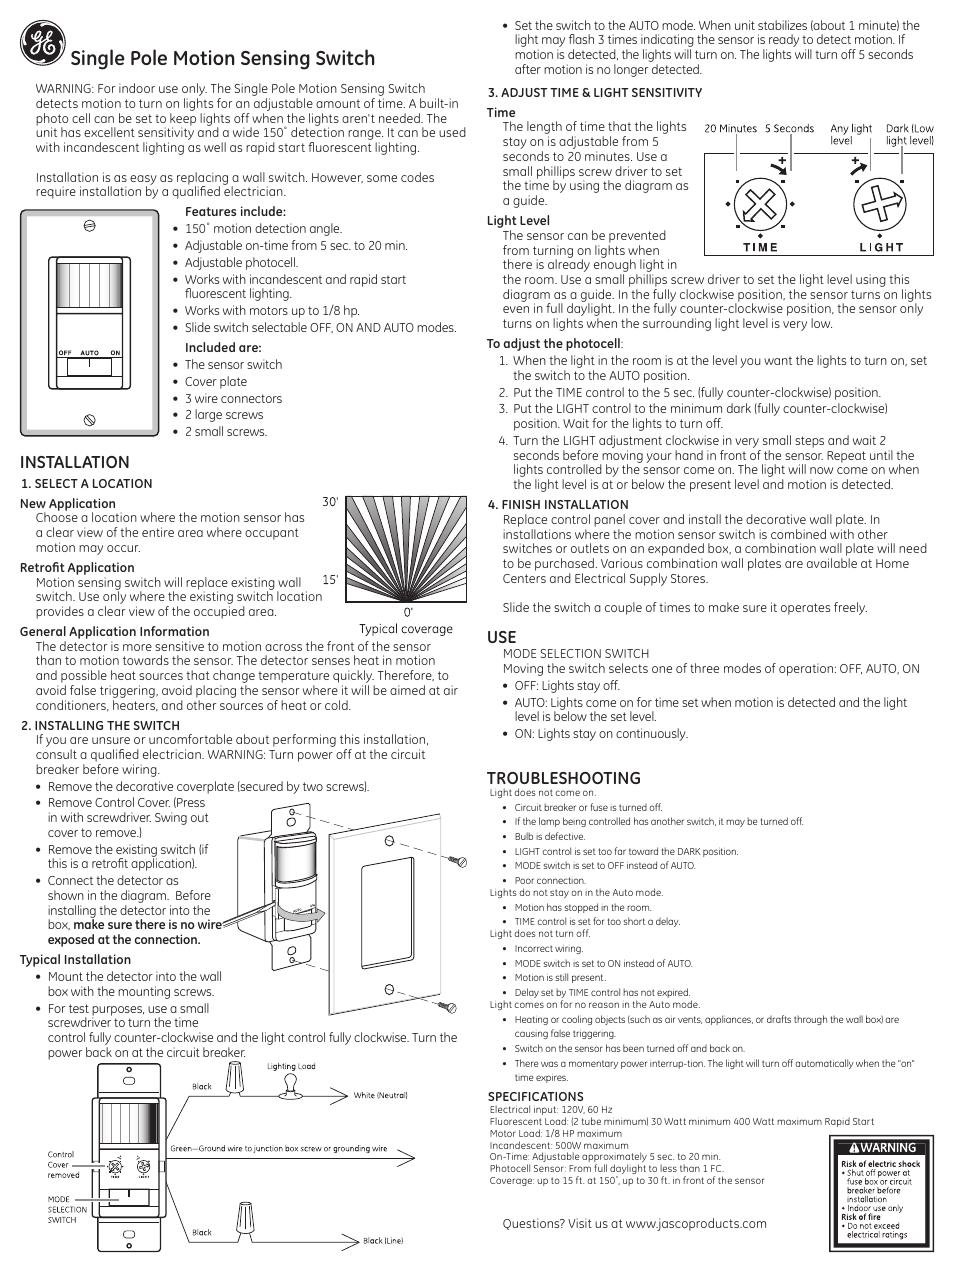 Ge 57885 Ge Motion Sensing Single Pole Switch White User Manual